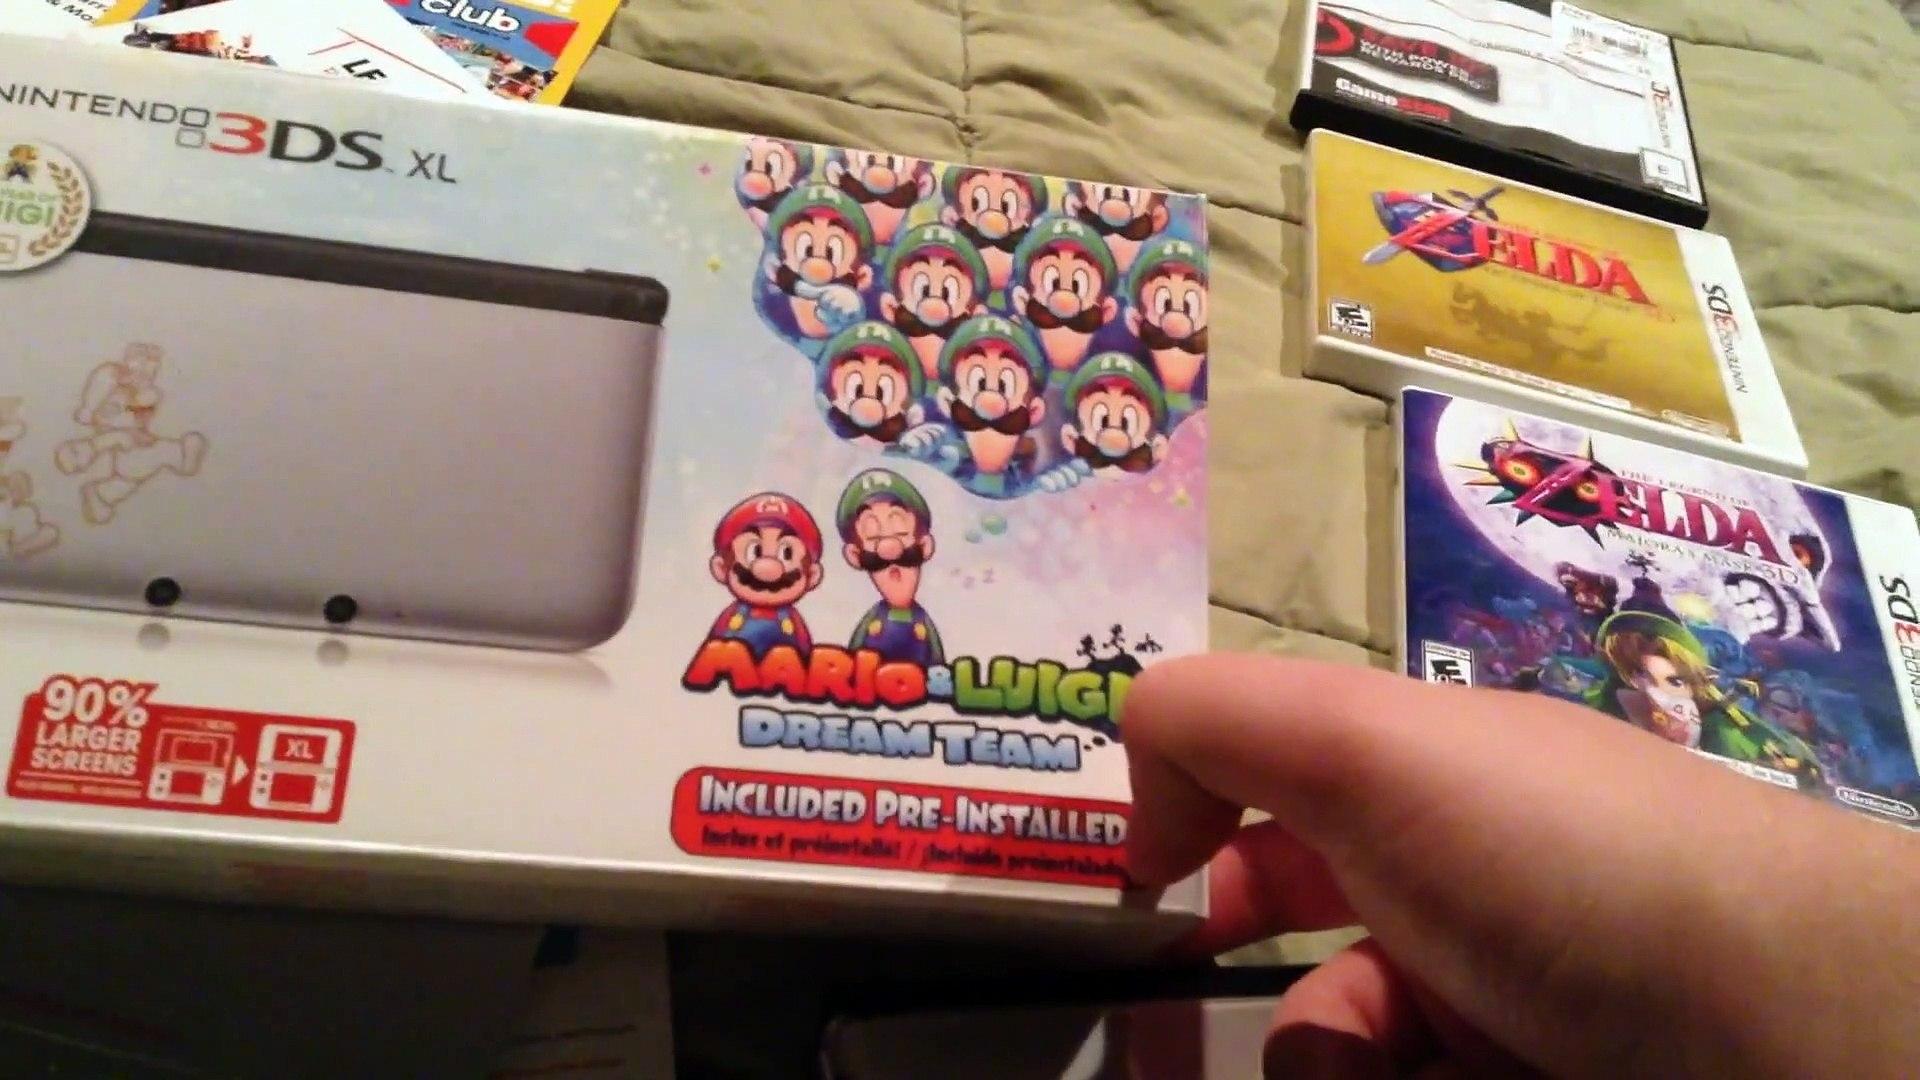 Nintendo 3ds Mario Luigi Dream Team Edition Unboxing Video